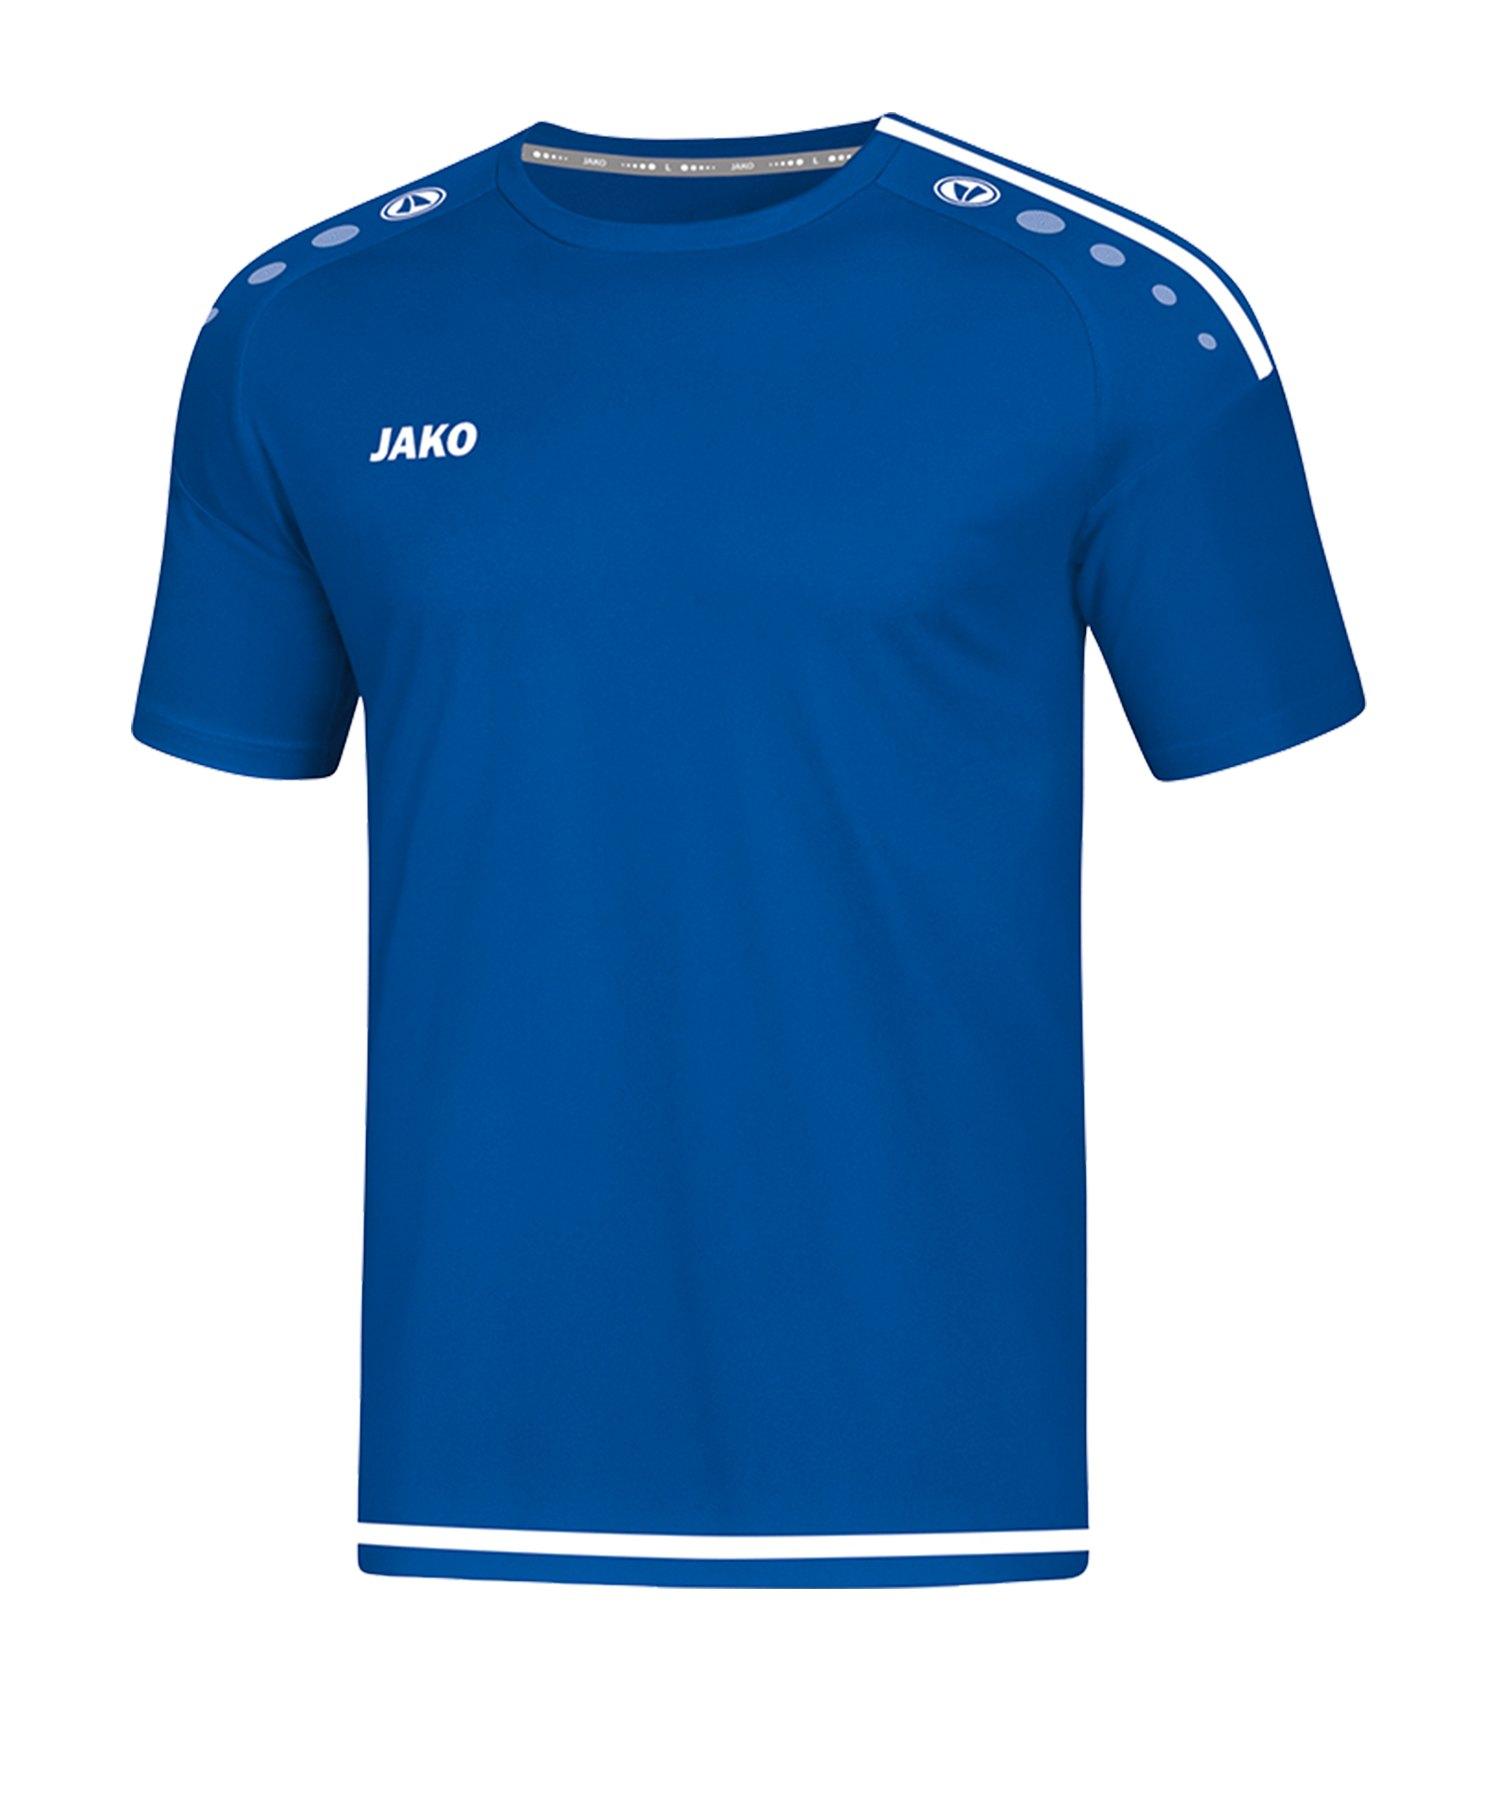 Jako Striker 2.0 Trikot kurzarm Kids Blau F04 - Blau